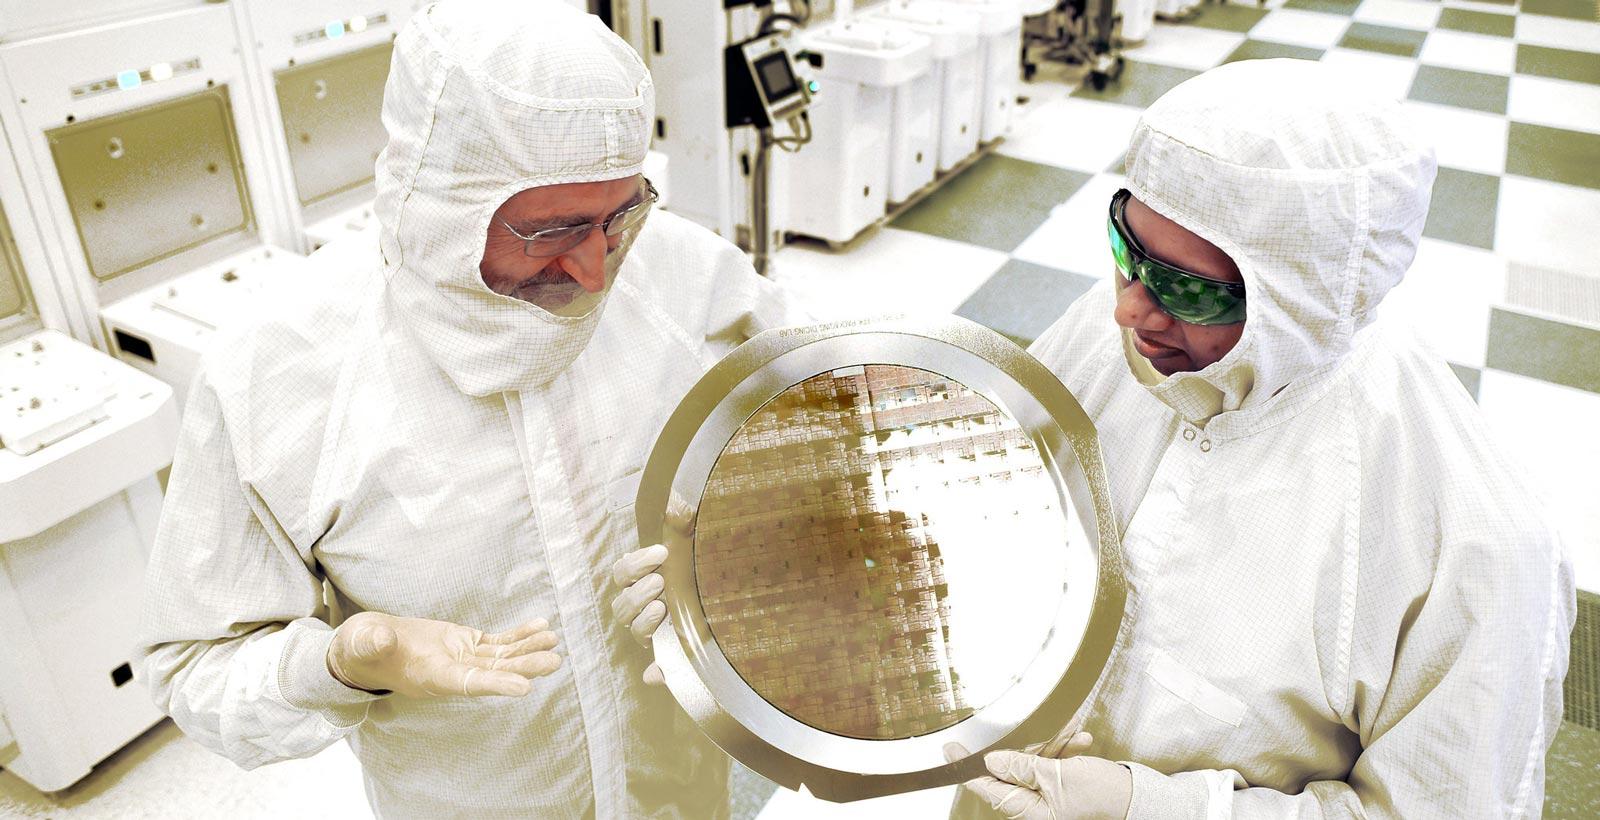 Michæl Liehr du SUNY Polytechnic Institute, Bala Haranand d'IBM, et une plaquette composée des nouveaux processeurs (Image : IBM).